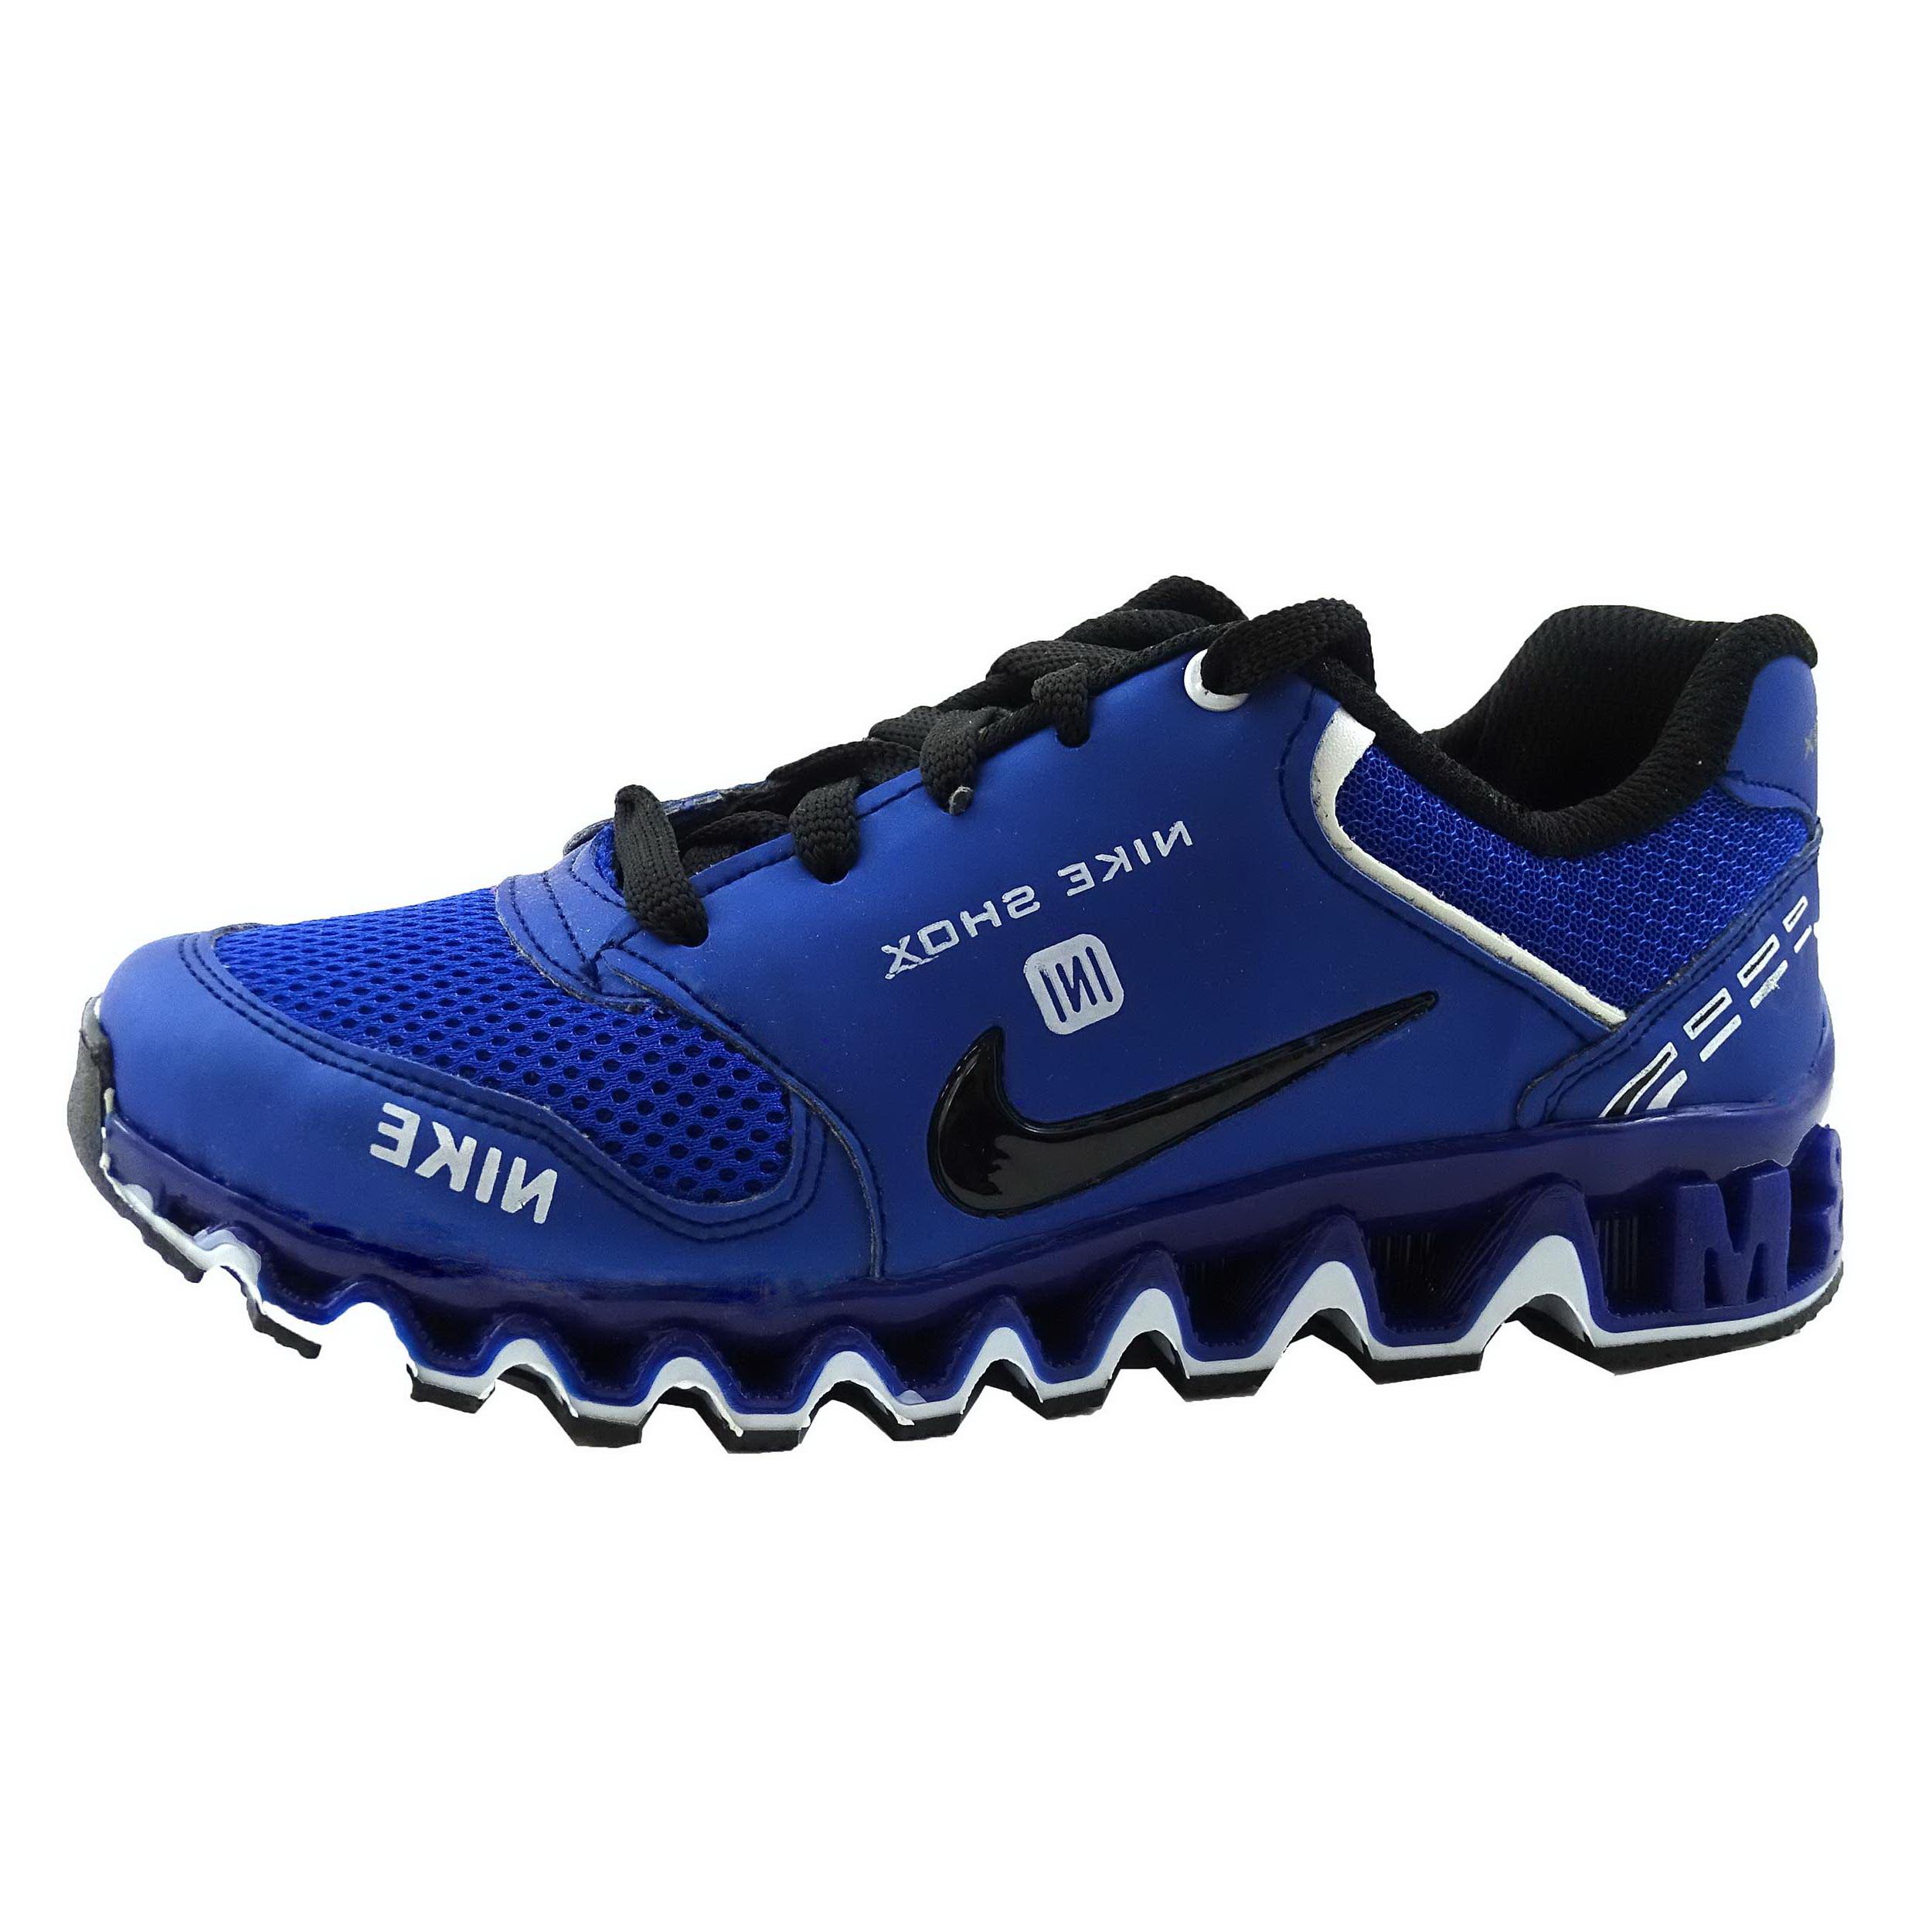 کفش تمرین زنانه مدل W07524